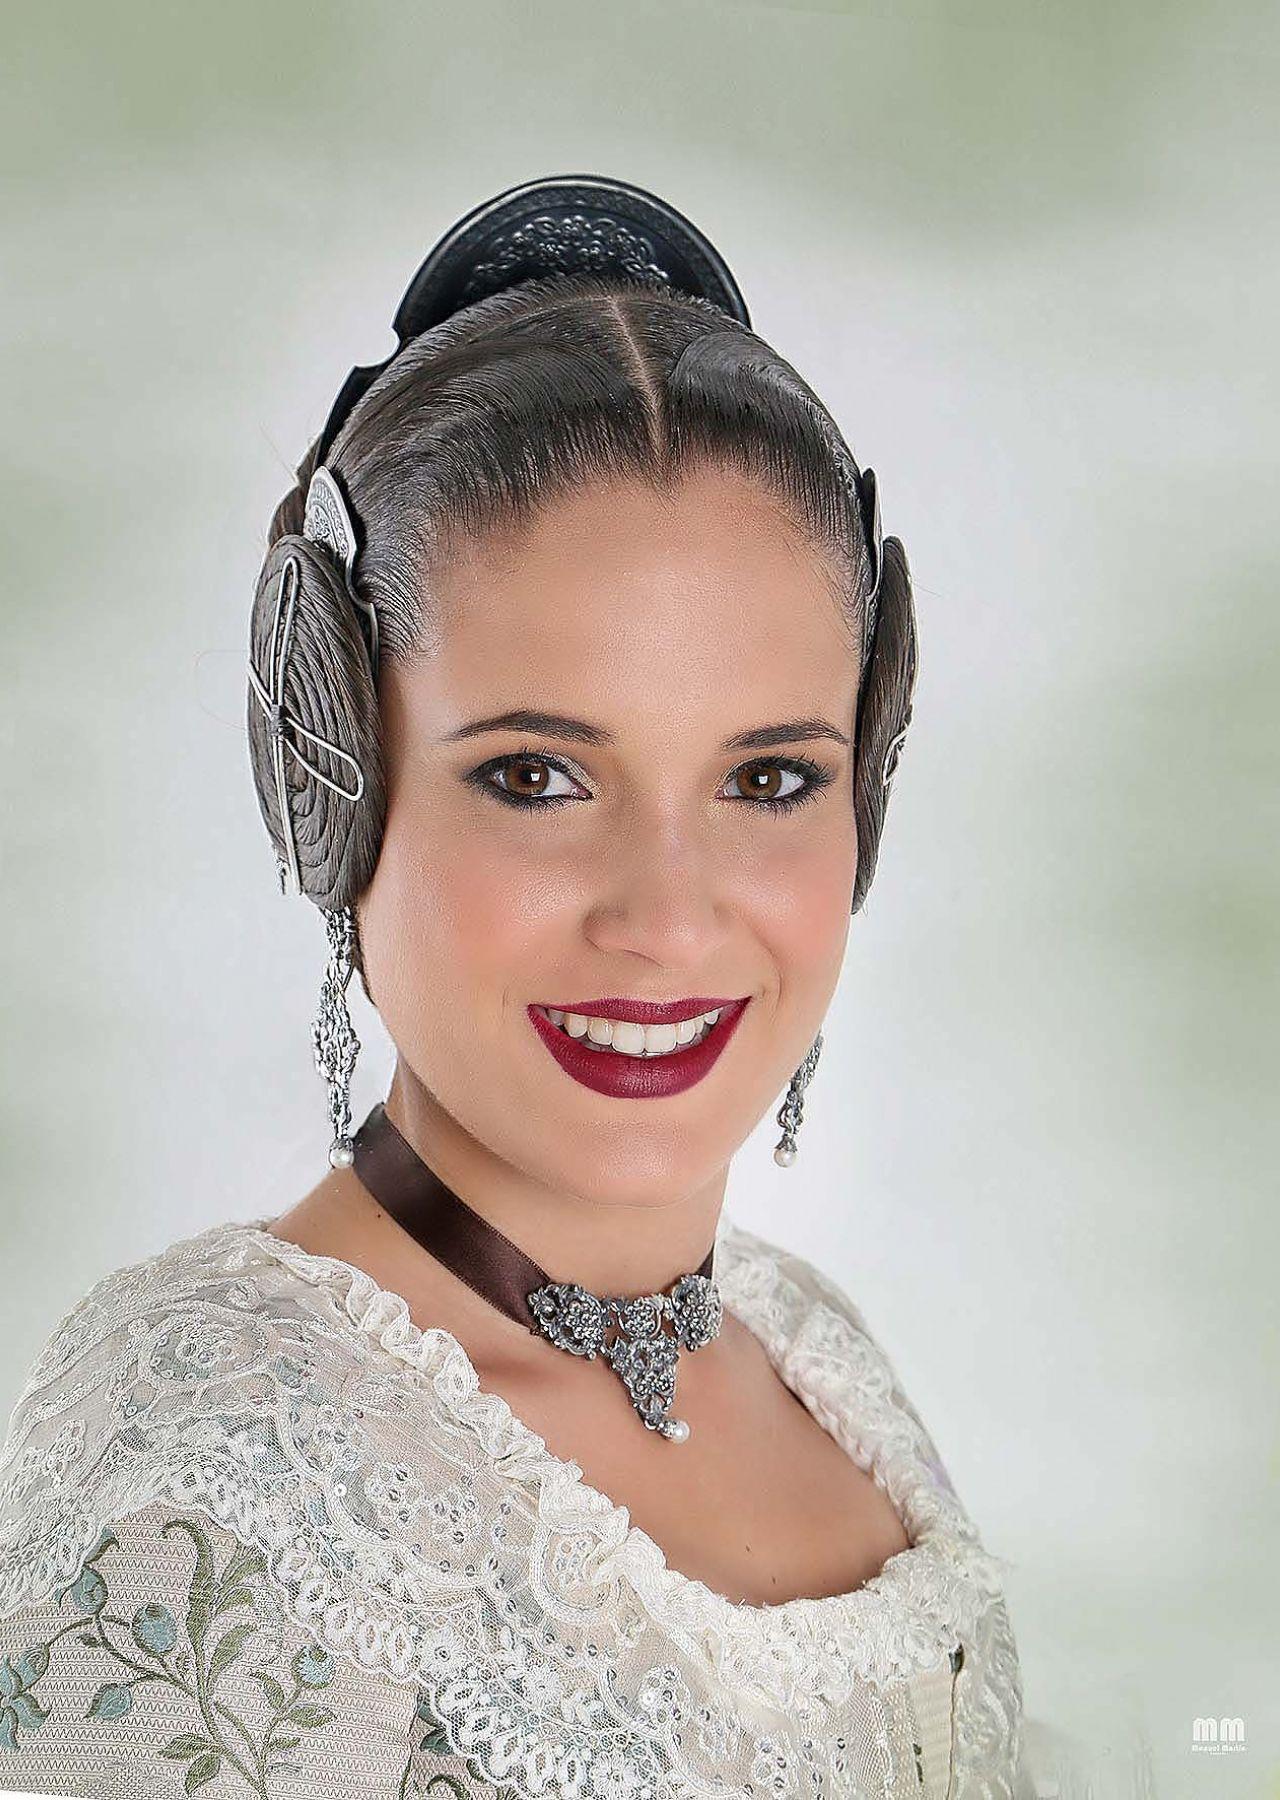 Maria Cavero Cuadros